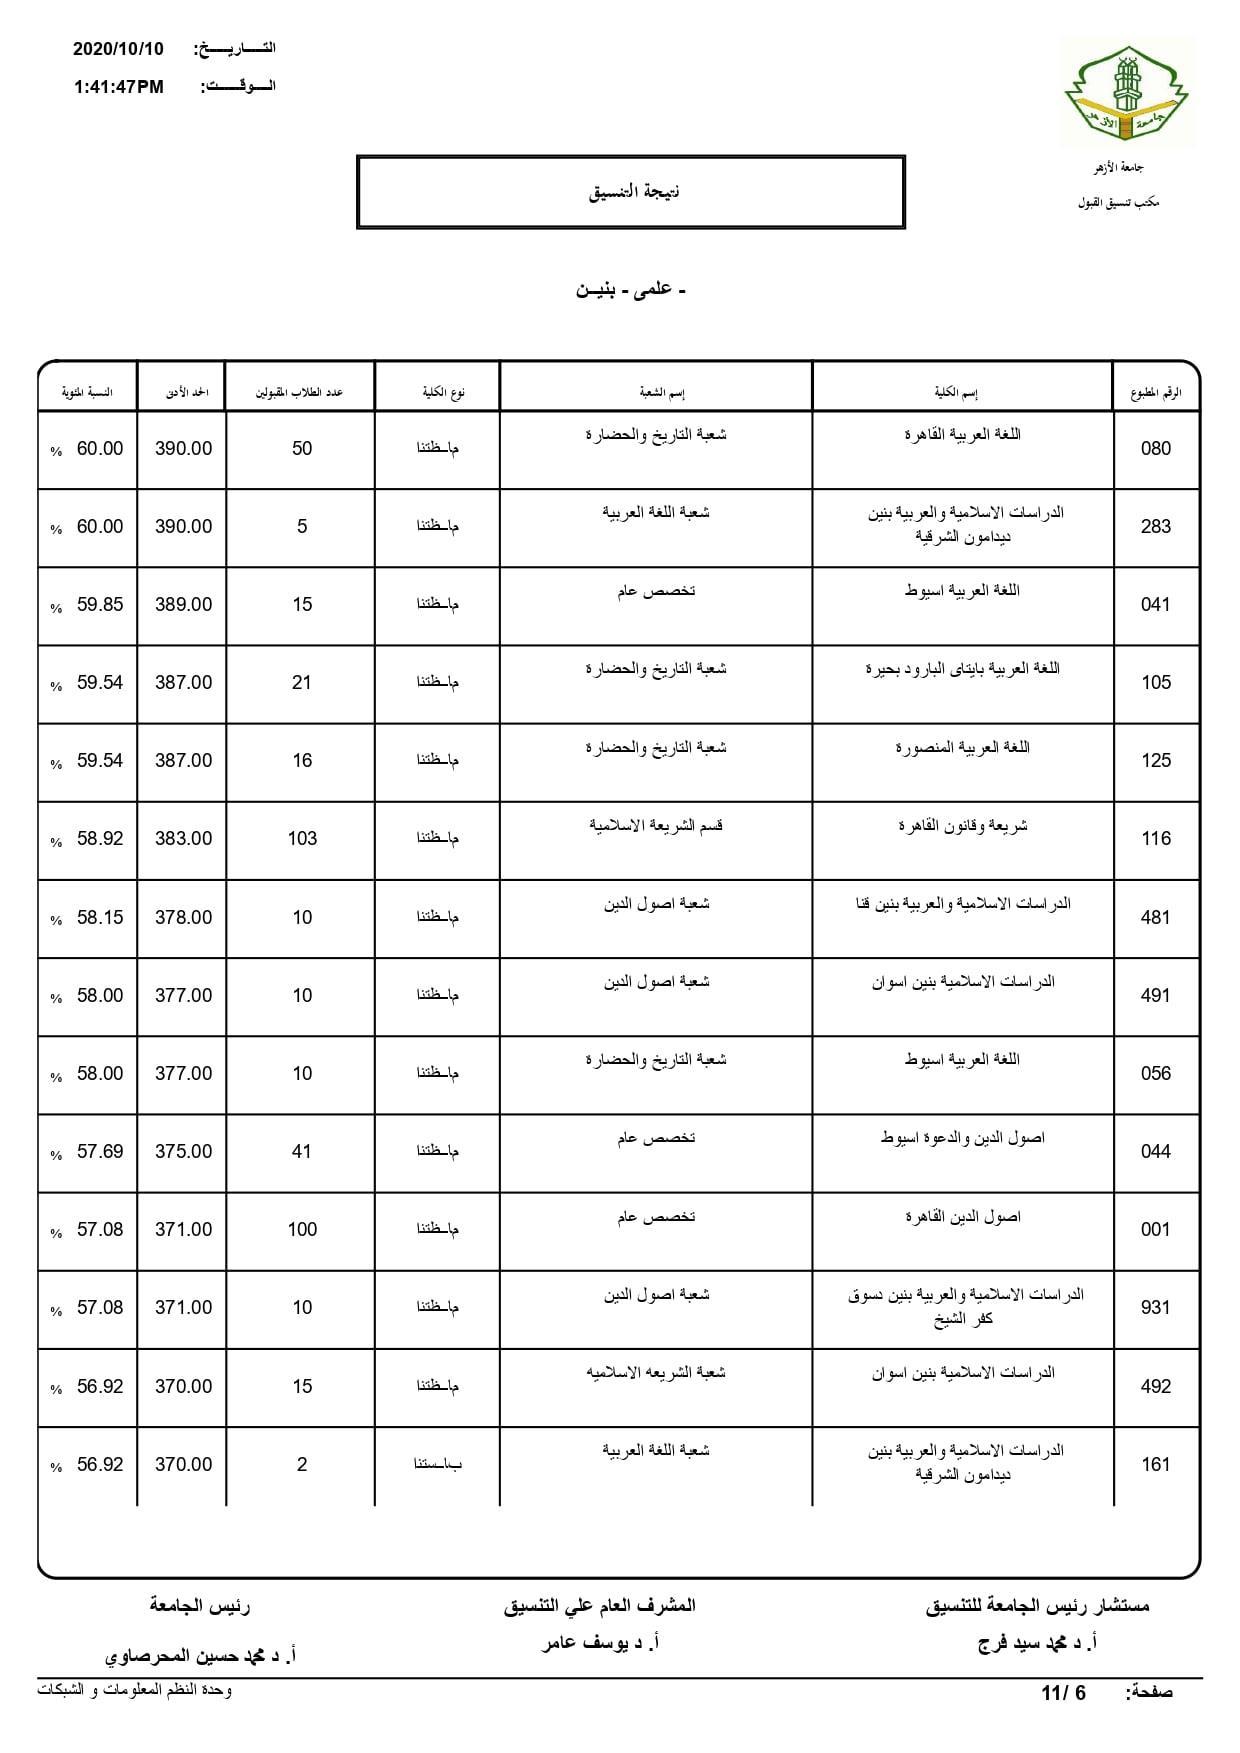 نتيجة تنسيق كليات جامعة الأزهر لعام 2020 بالكامل 20201010200800607